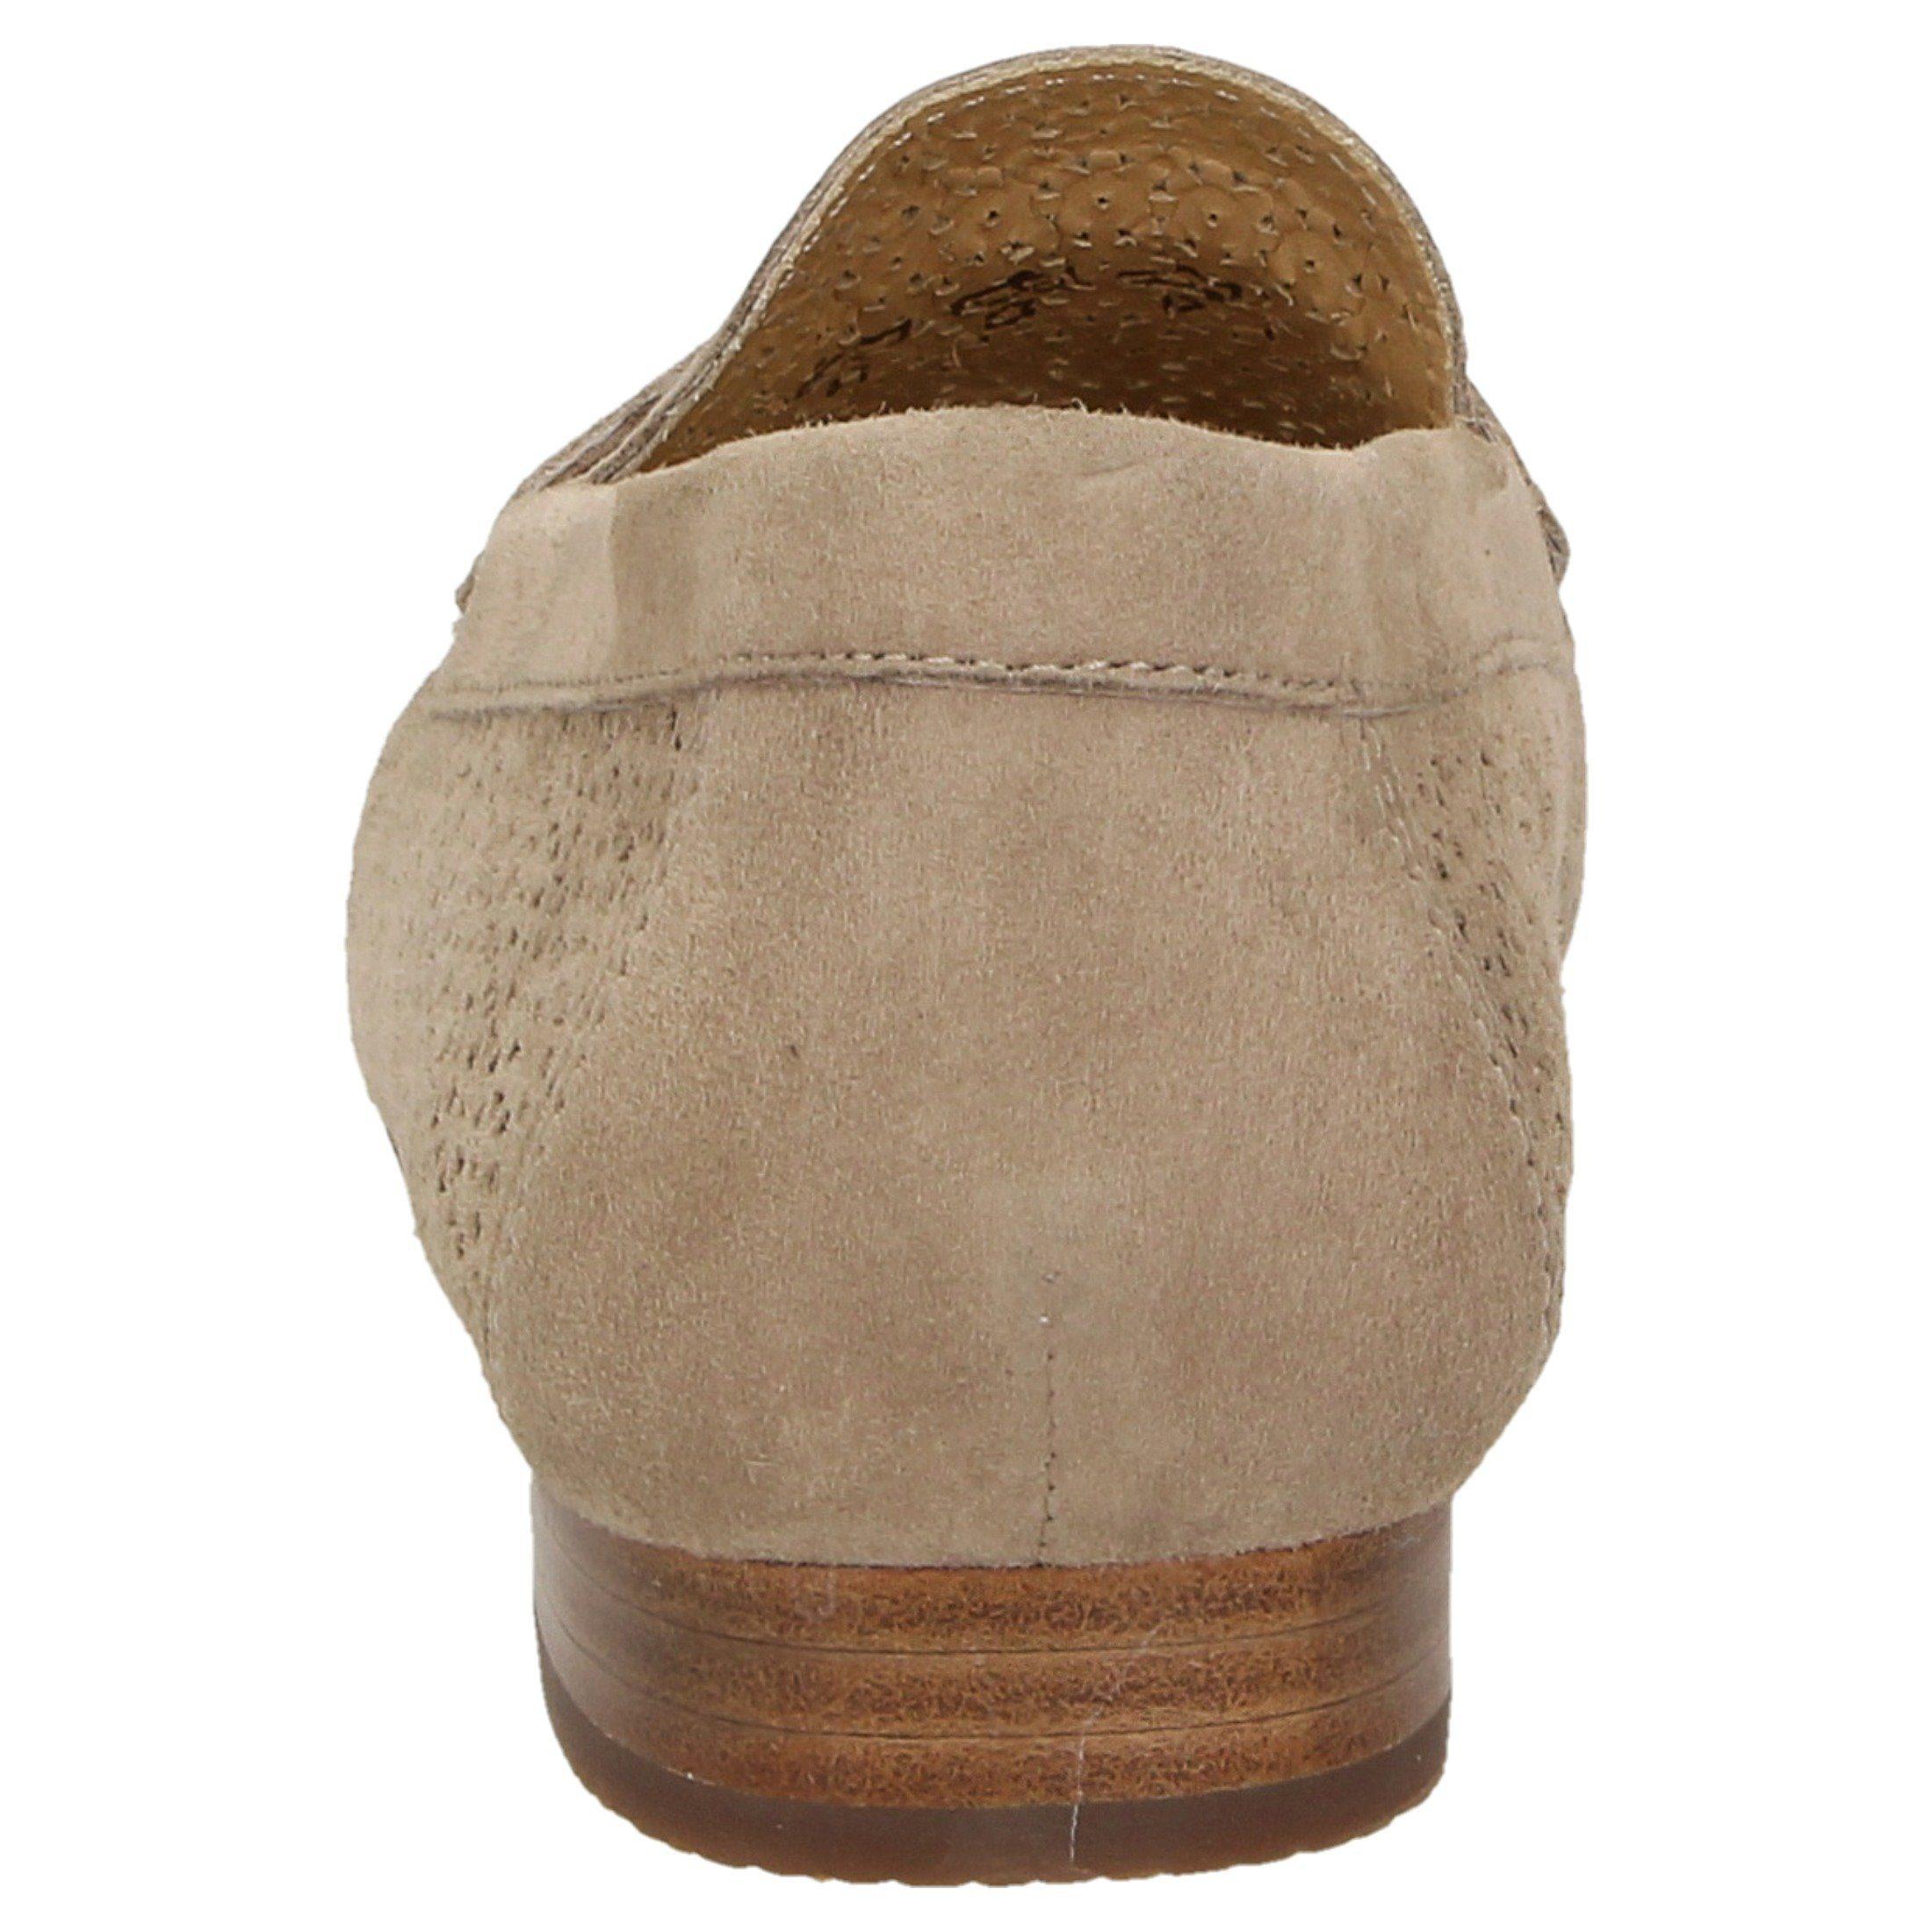 SIOUX Cortizia-701 Slipper online kaufen  beige